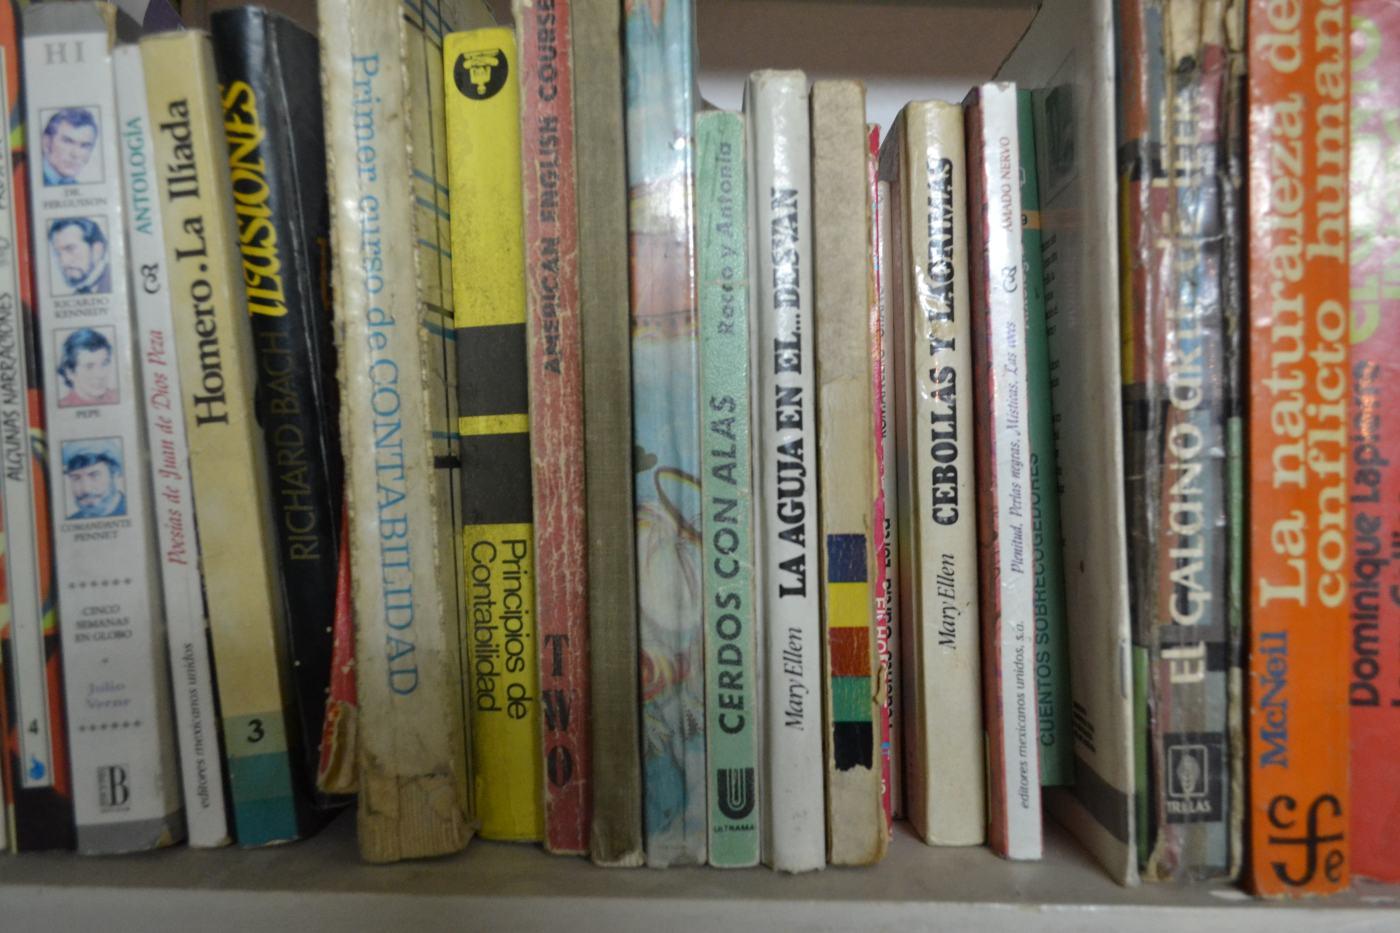 Rhafhaell todo de libros